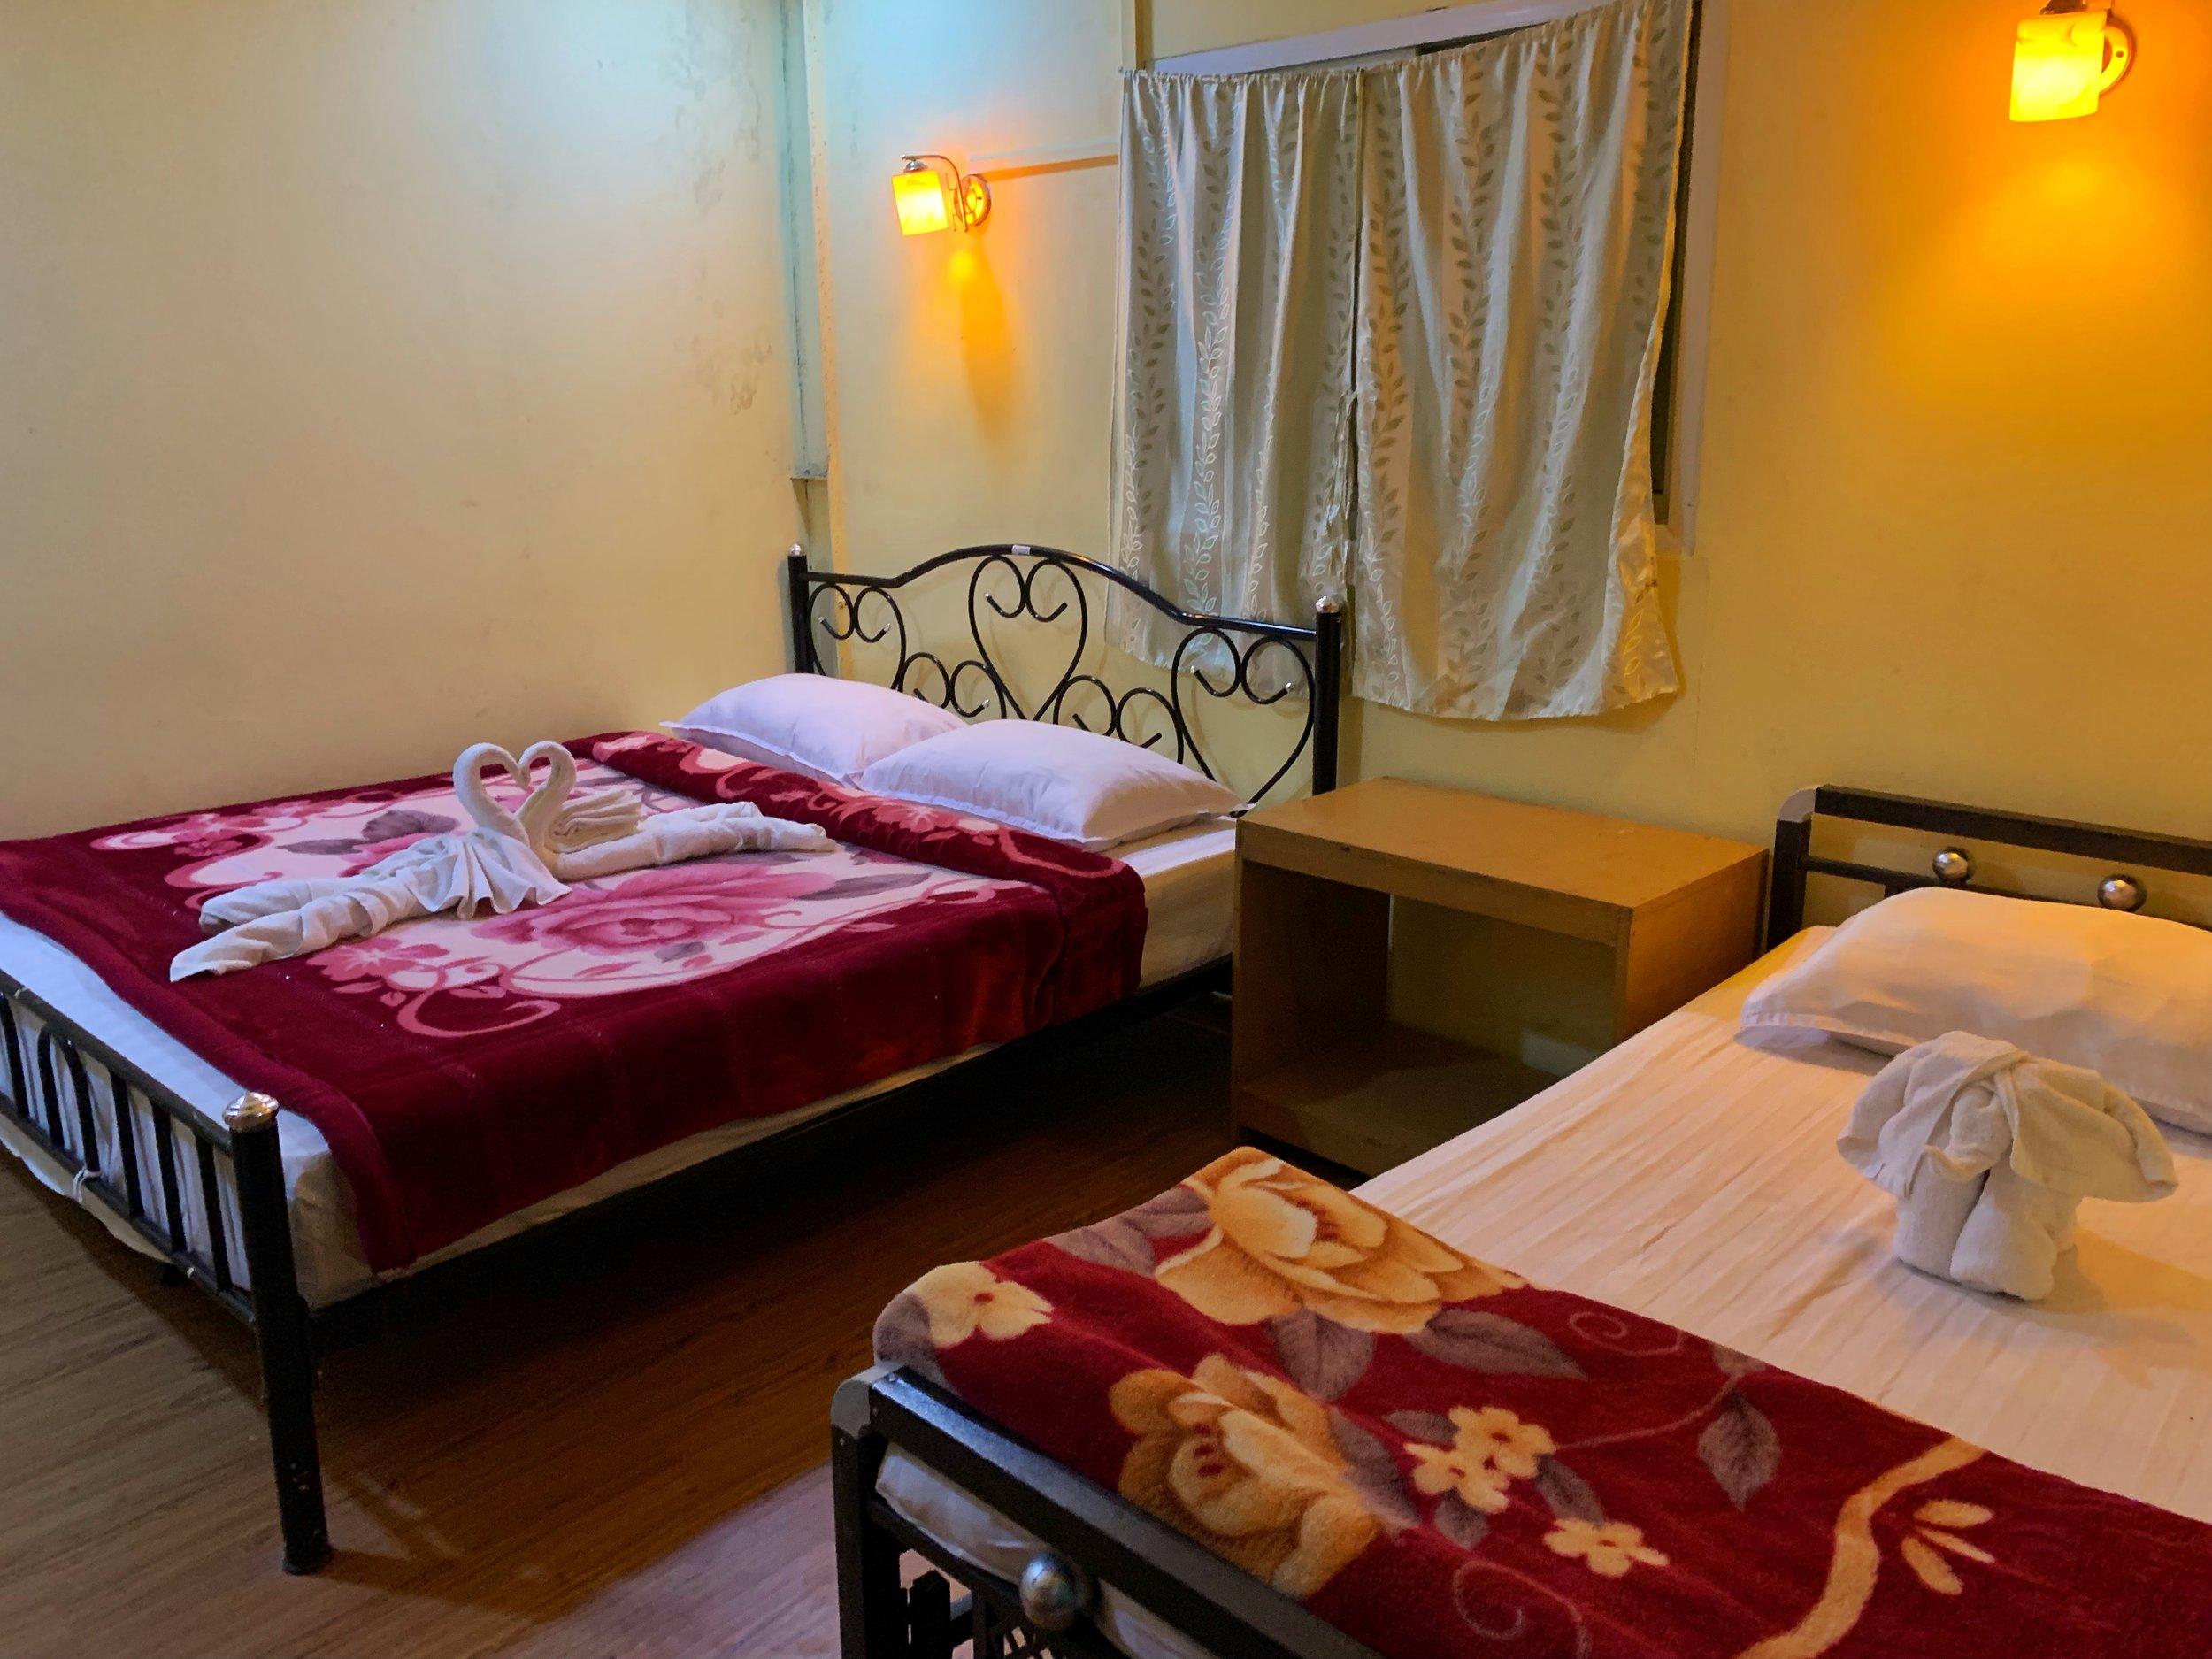 thandaunggyi accommodation myanmar b&b